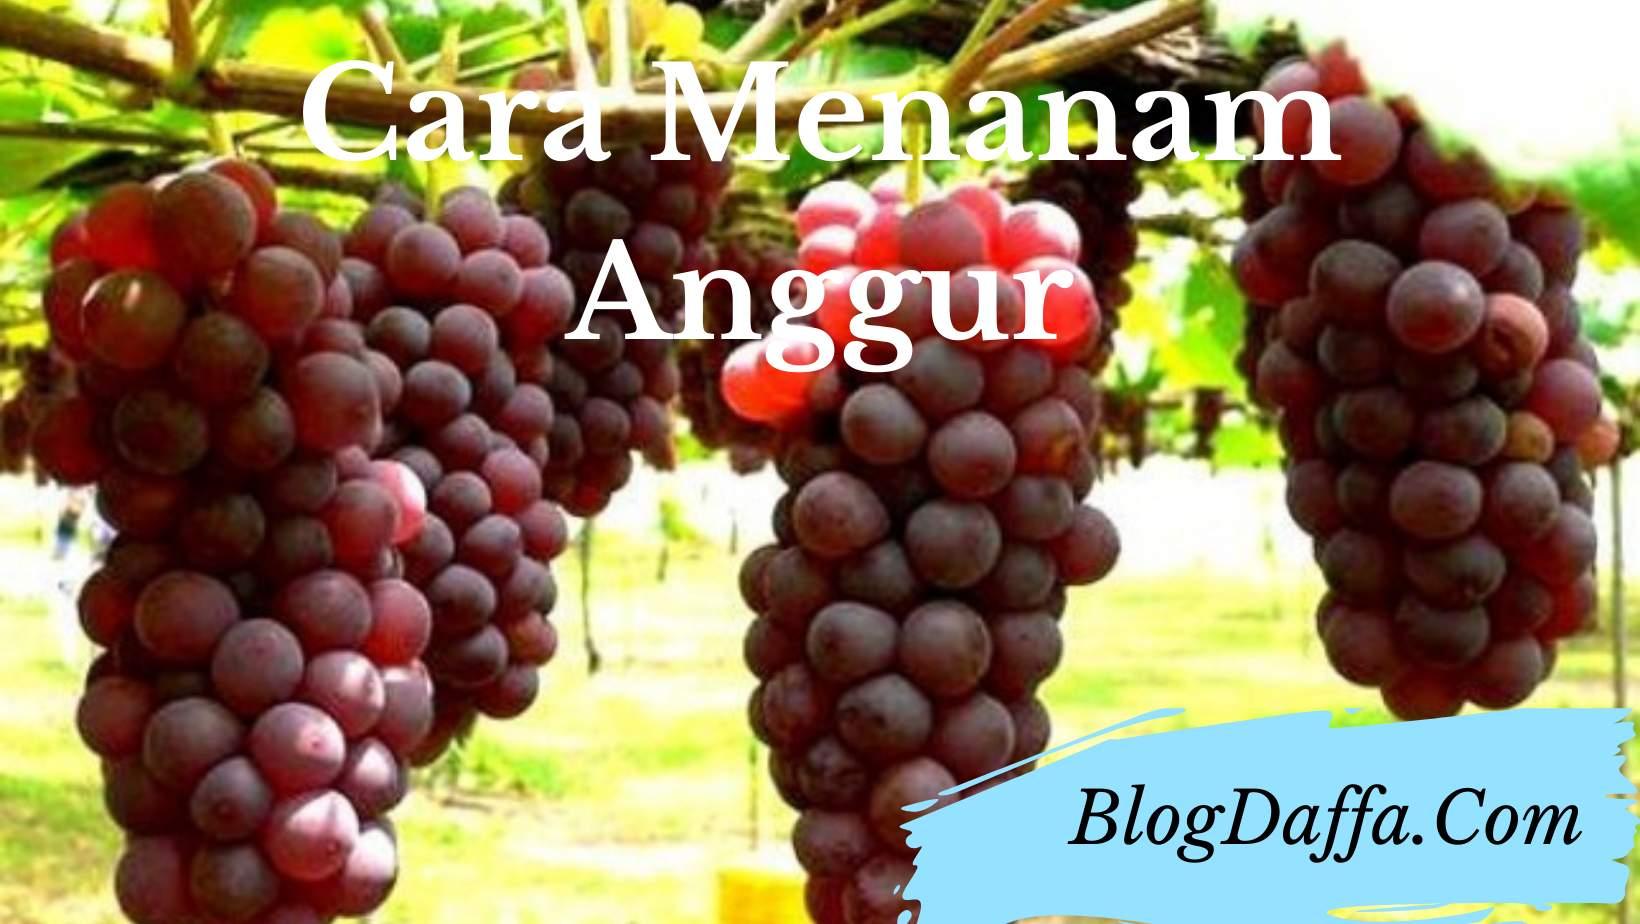 Cara menanam anggur organik di rumah